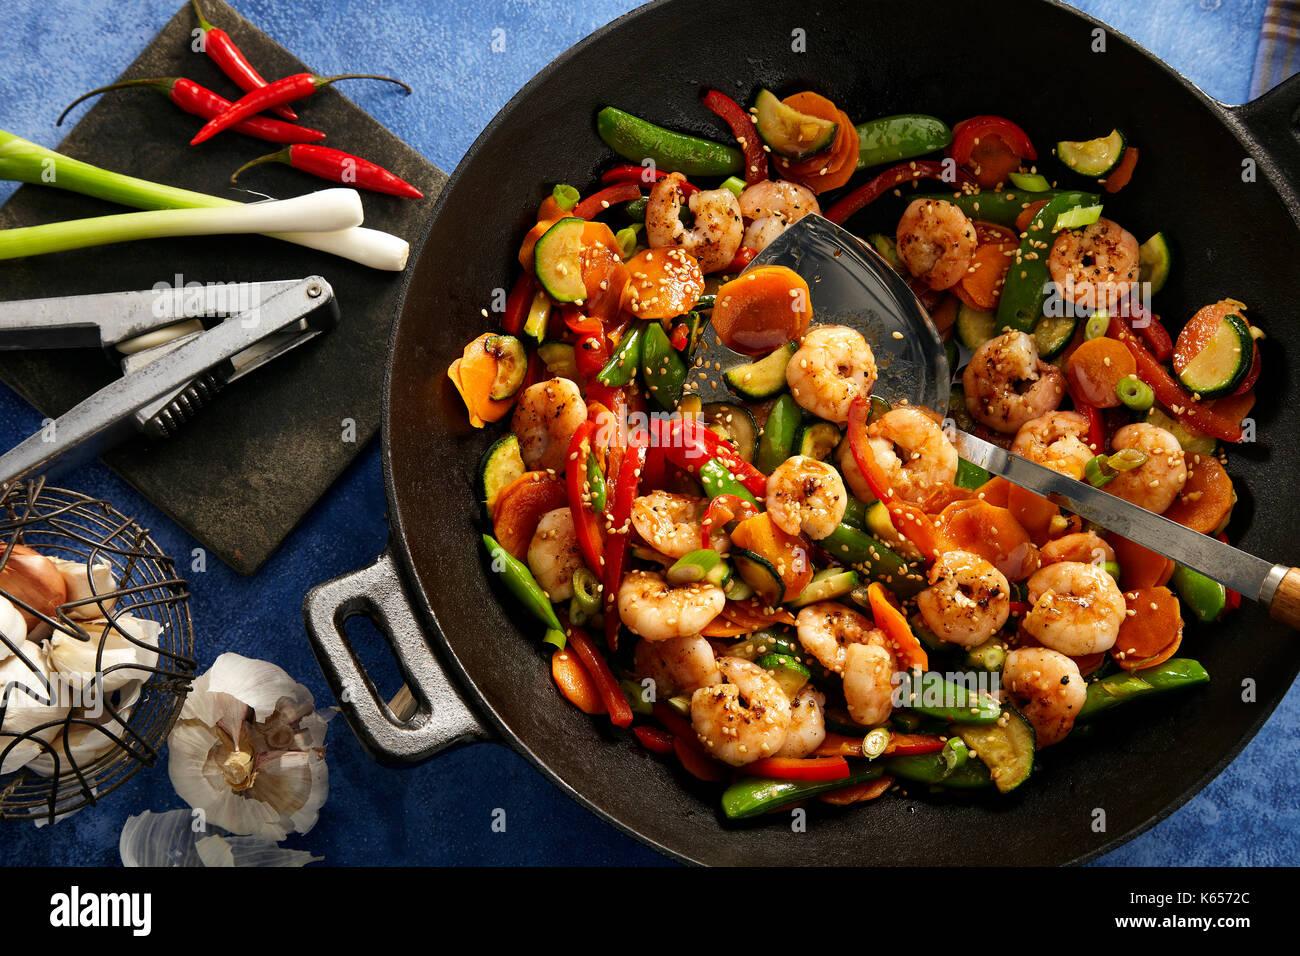 Honey hoisin shrimp stir fty - Stock Image